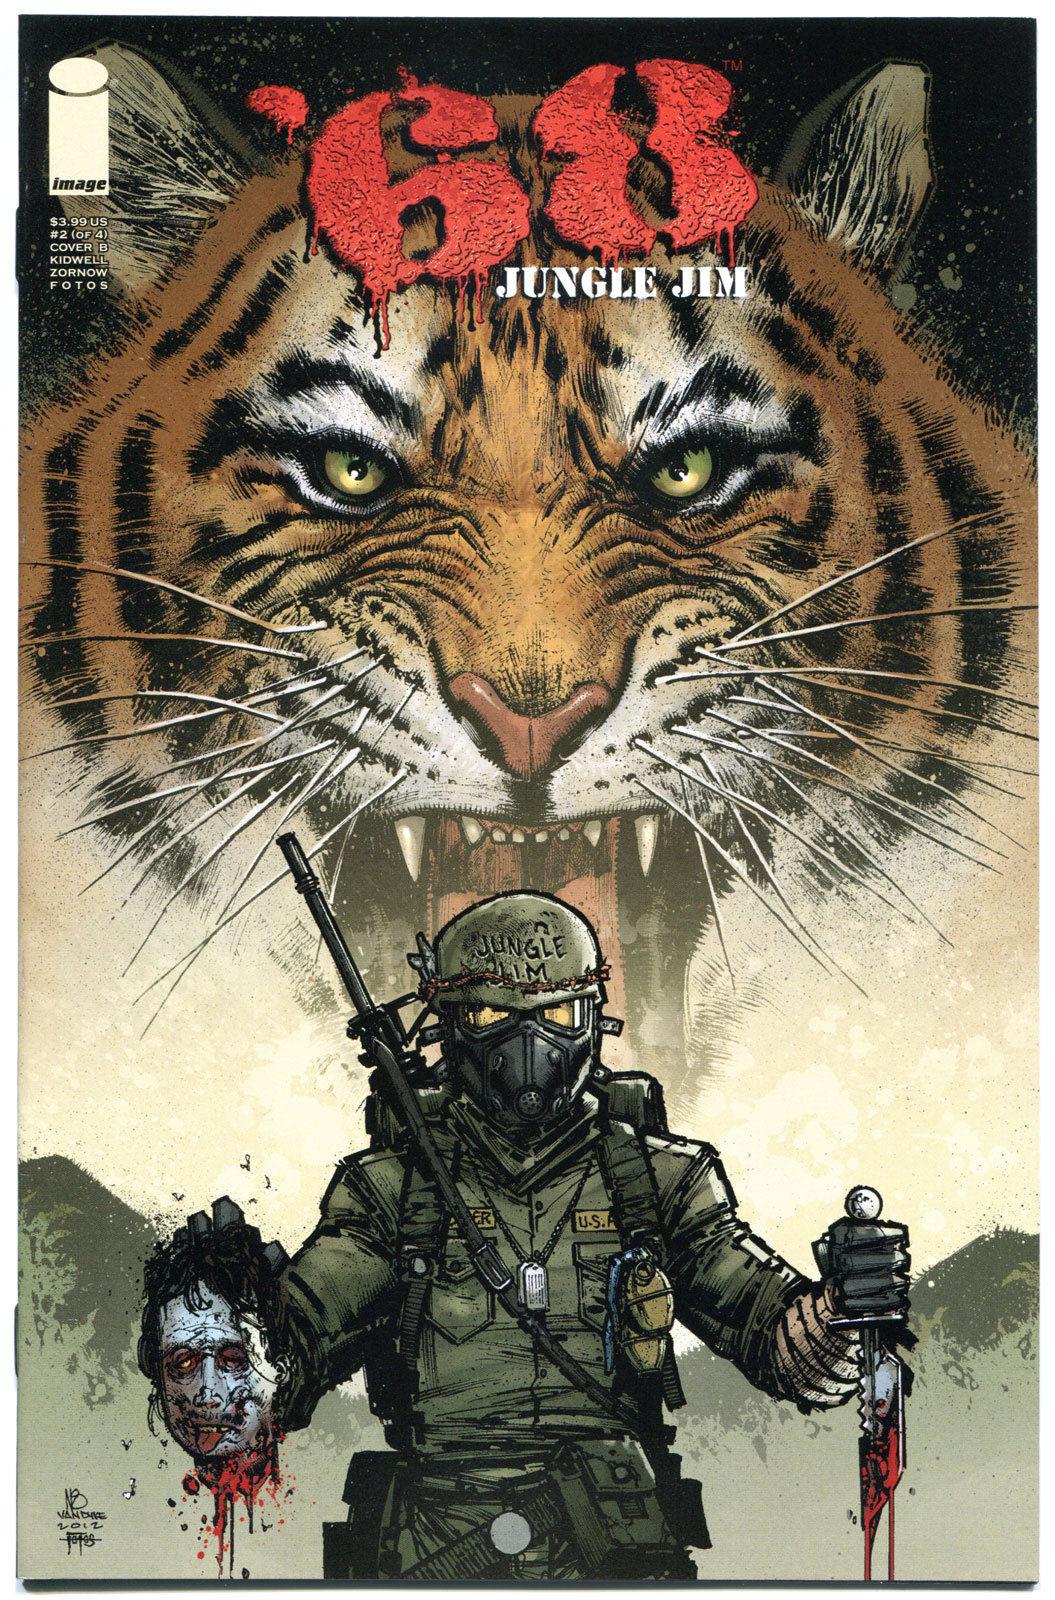 '68 JUNGLE JIM #2 B, VF+,1st Print, Zombie, Walking Dead, Vietnam, 2013, Horror